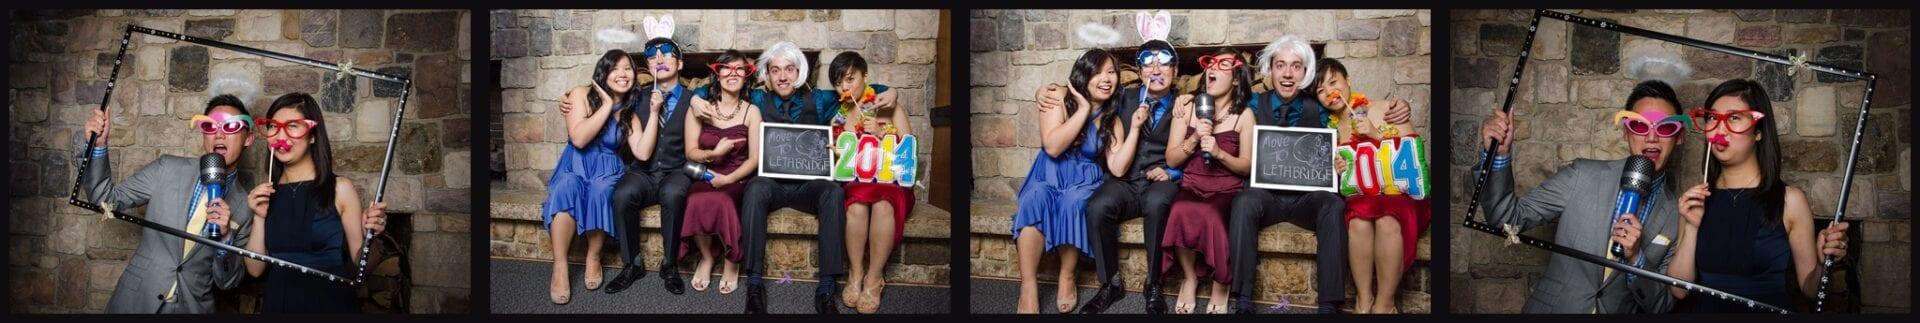 Edmonton-Wedding-photo-booth-Photography-120